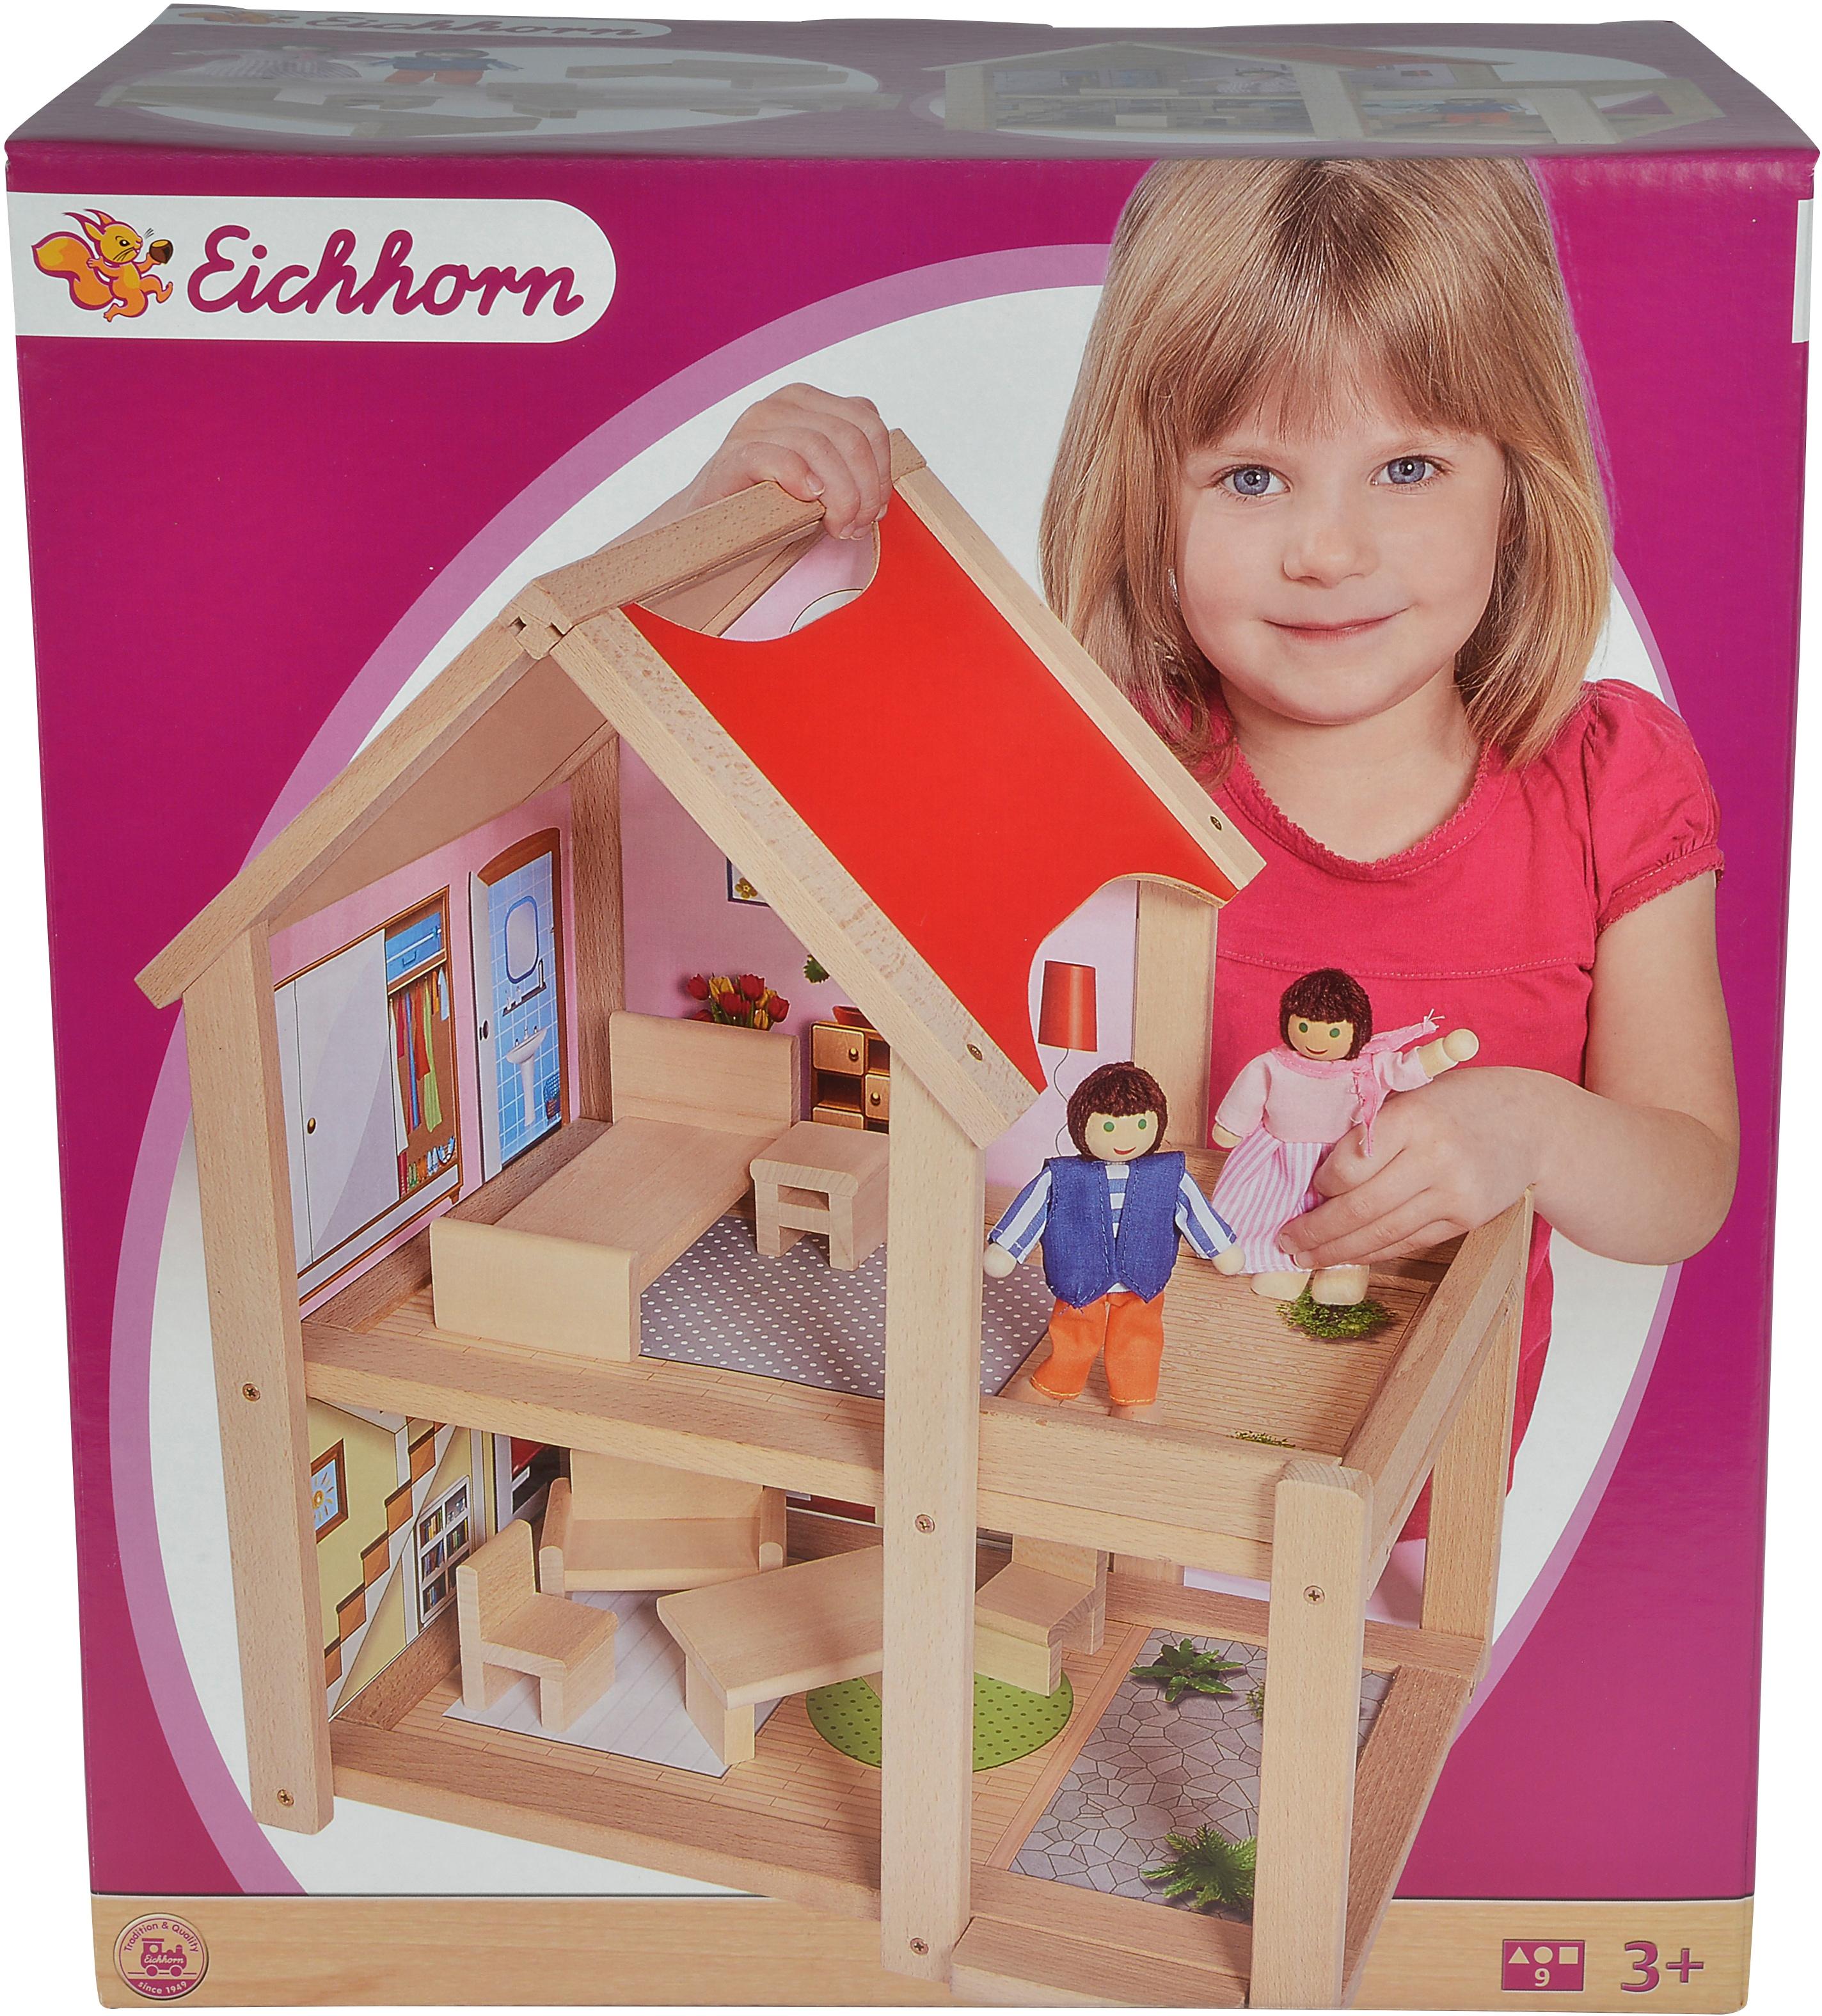 """Eichhorn Puppenhaus """"Puppenhaus 9tlg"""" Kindermode/Spielzeug/Puppen/Puppenhaus"""